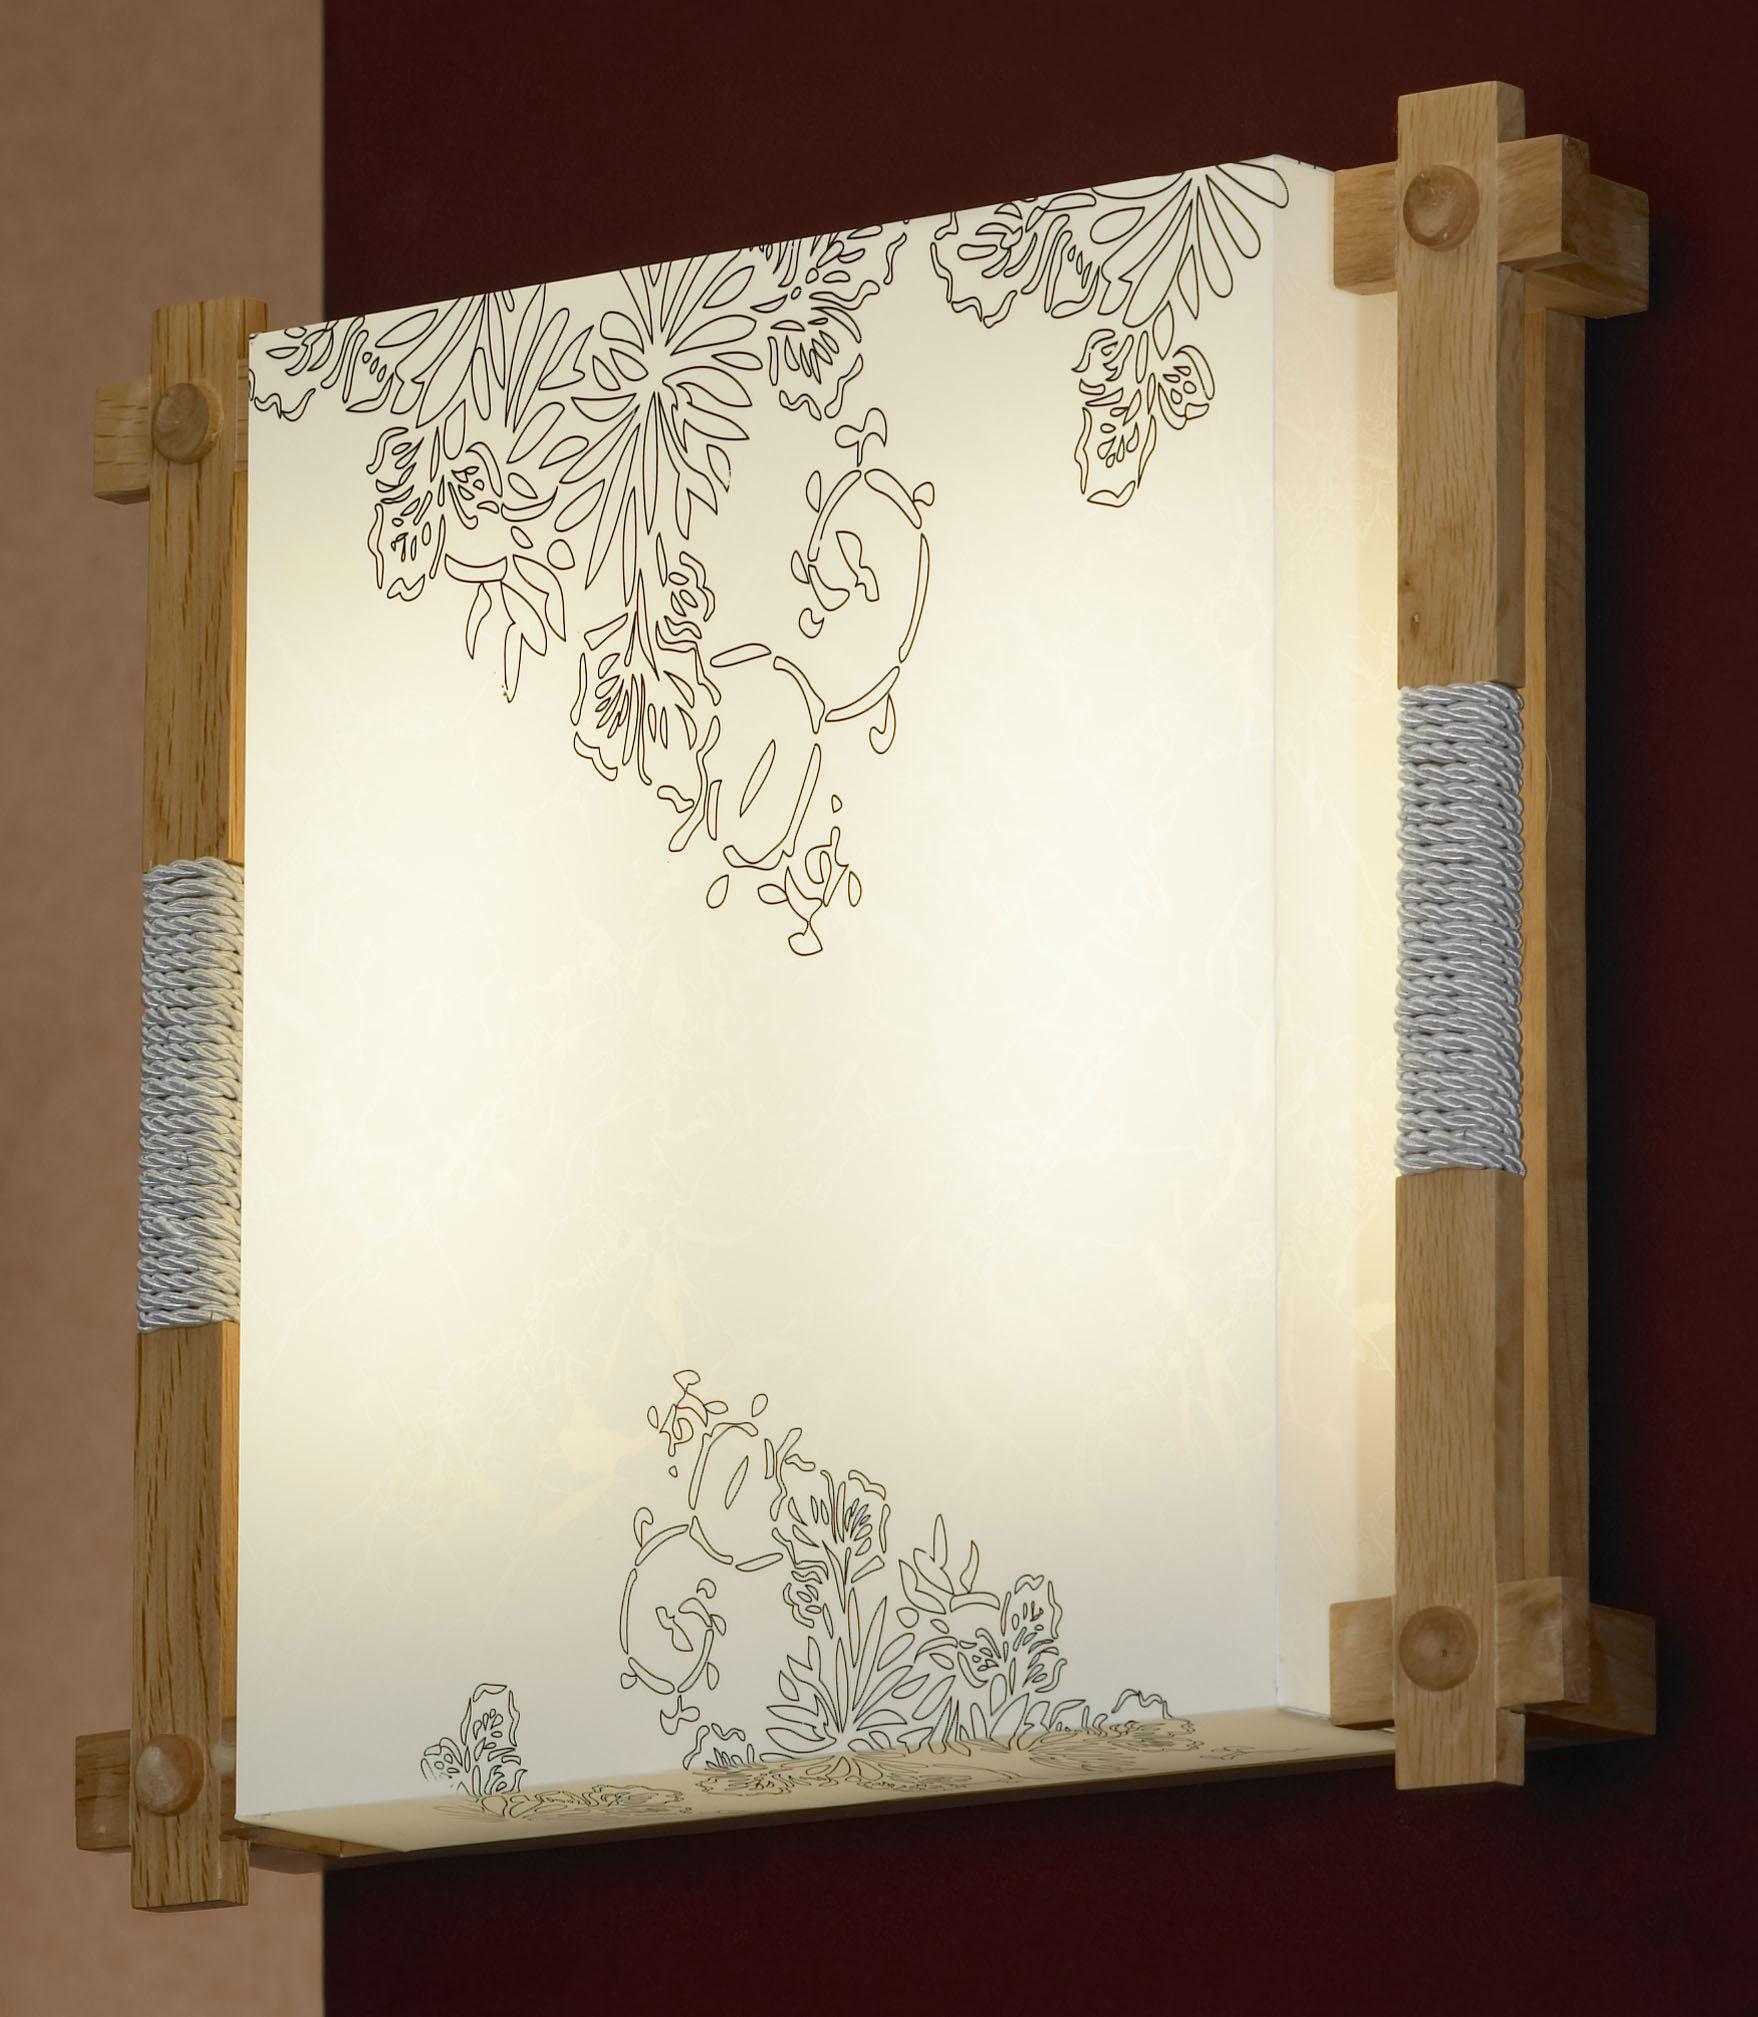 Потолочный светильник Lussole Arcevia LSF-9102-02, IP21, 2x2G11x24W, коричневый, белый, дерево, пластик - фото 2